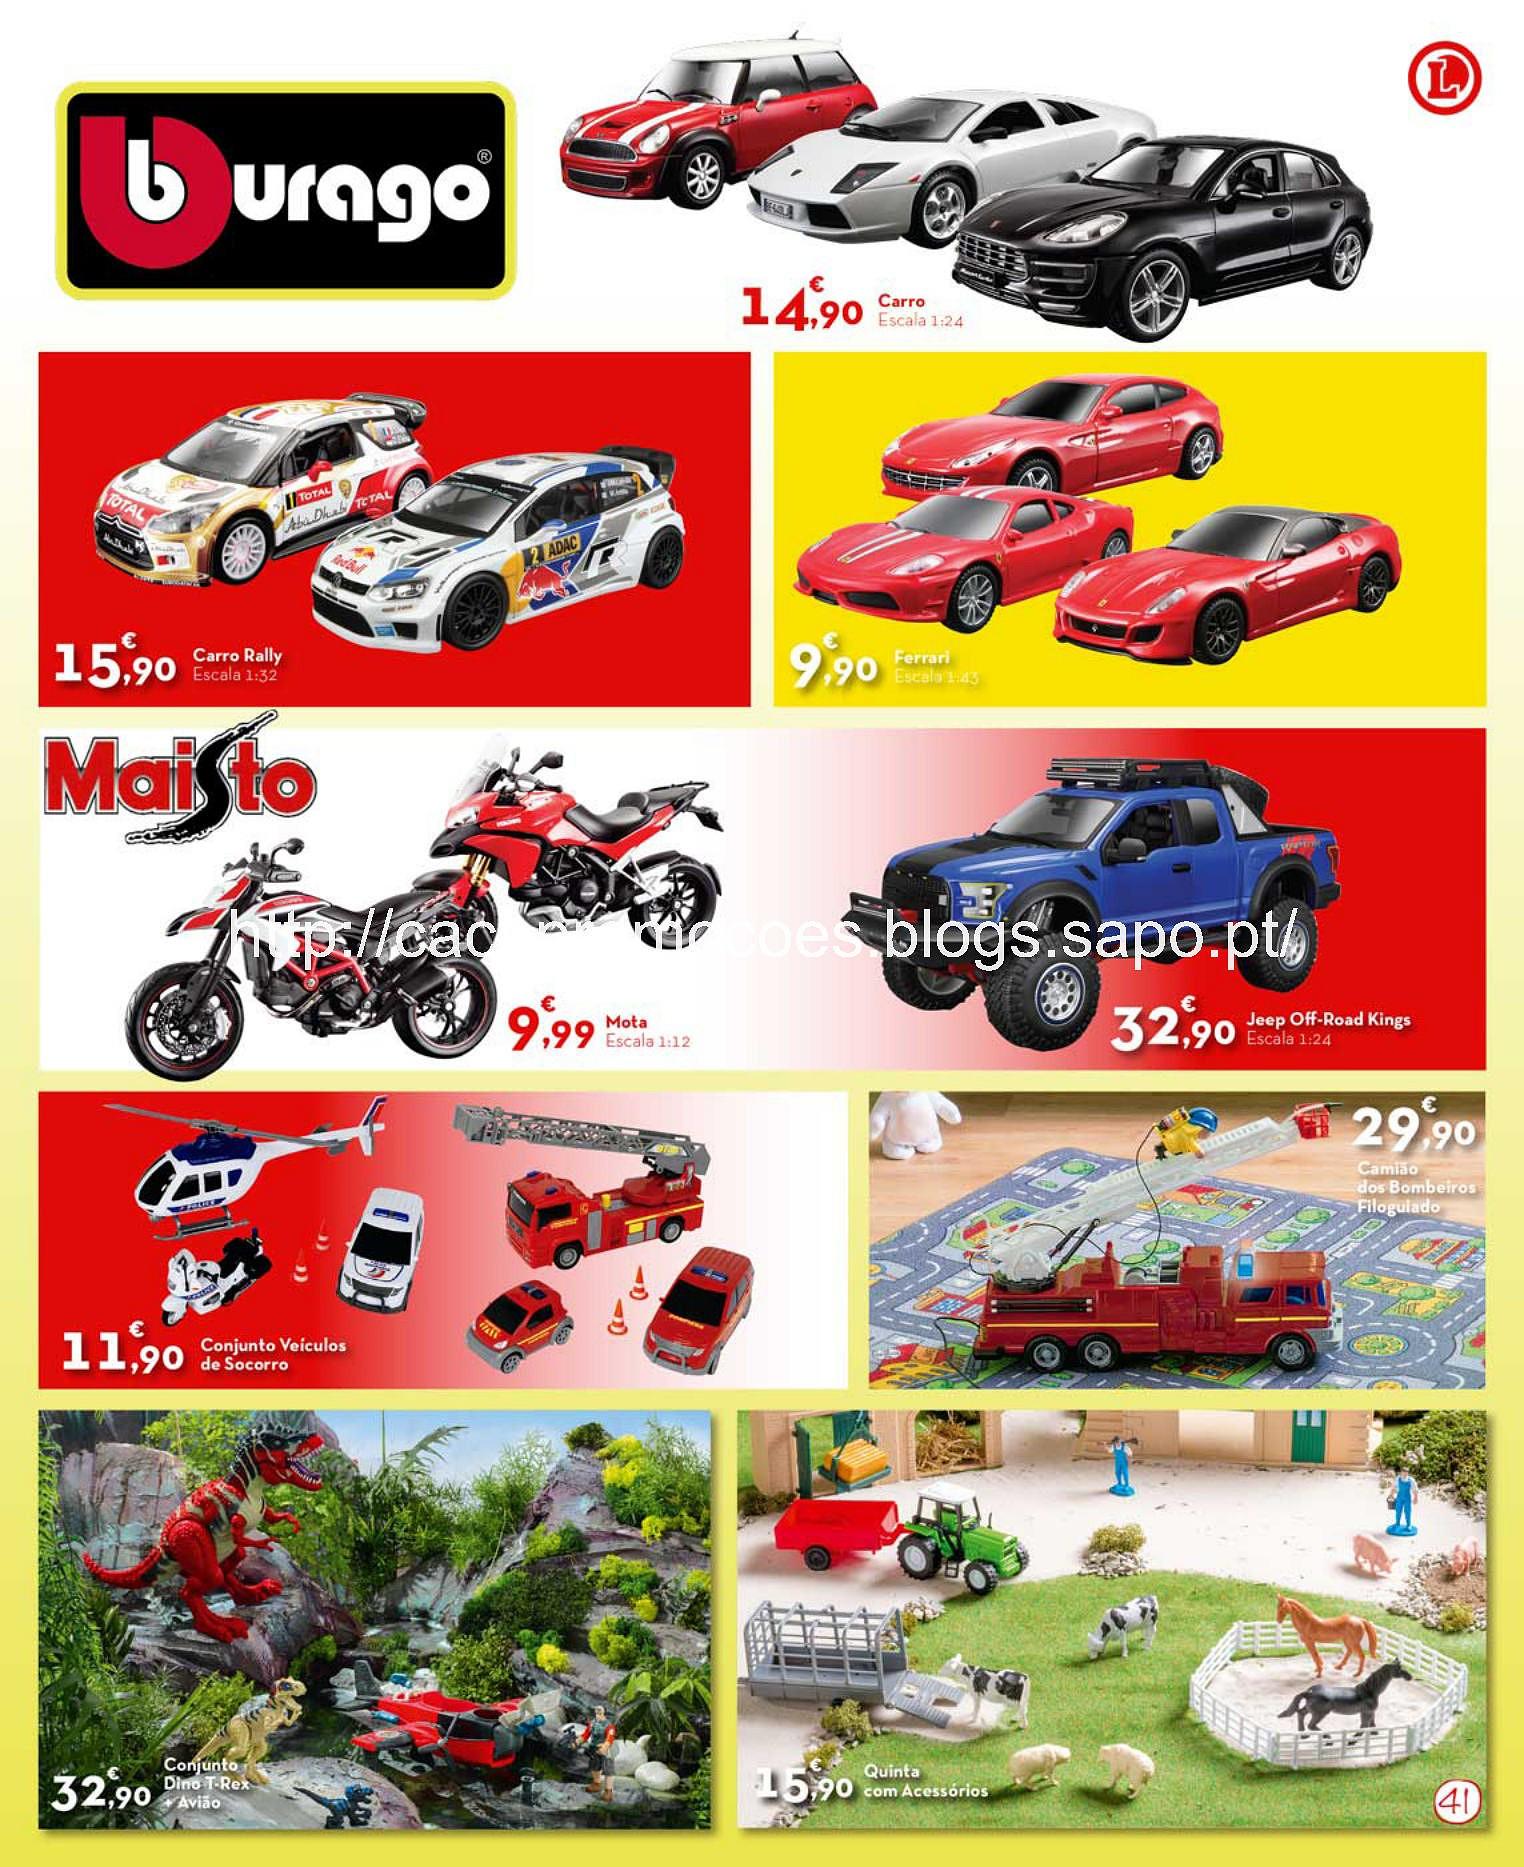 Eleclerc-Promoções-Folheto-Brinquedos-_Page36.jpg